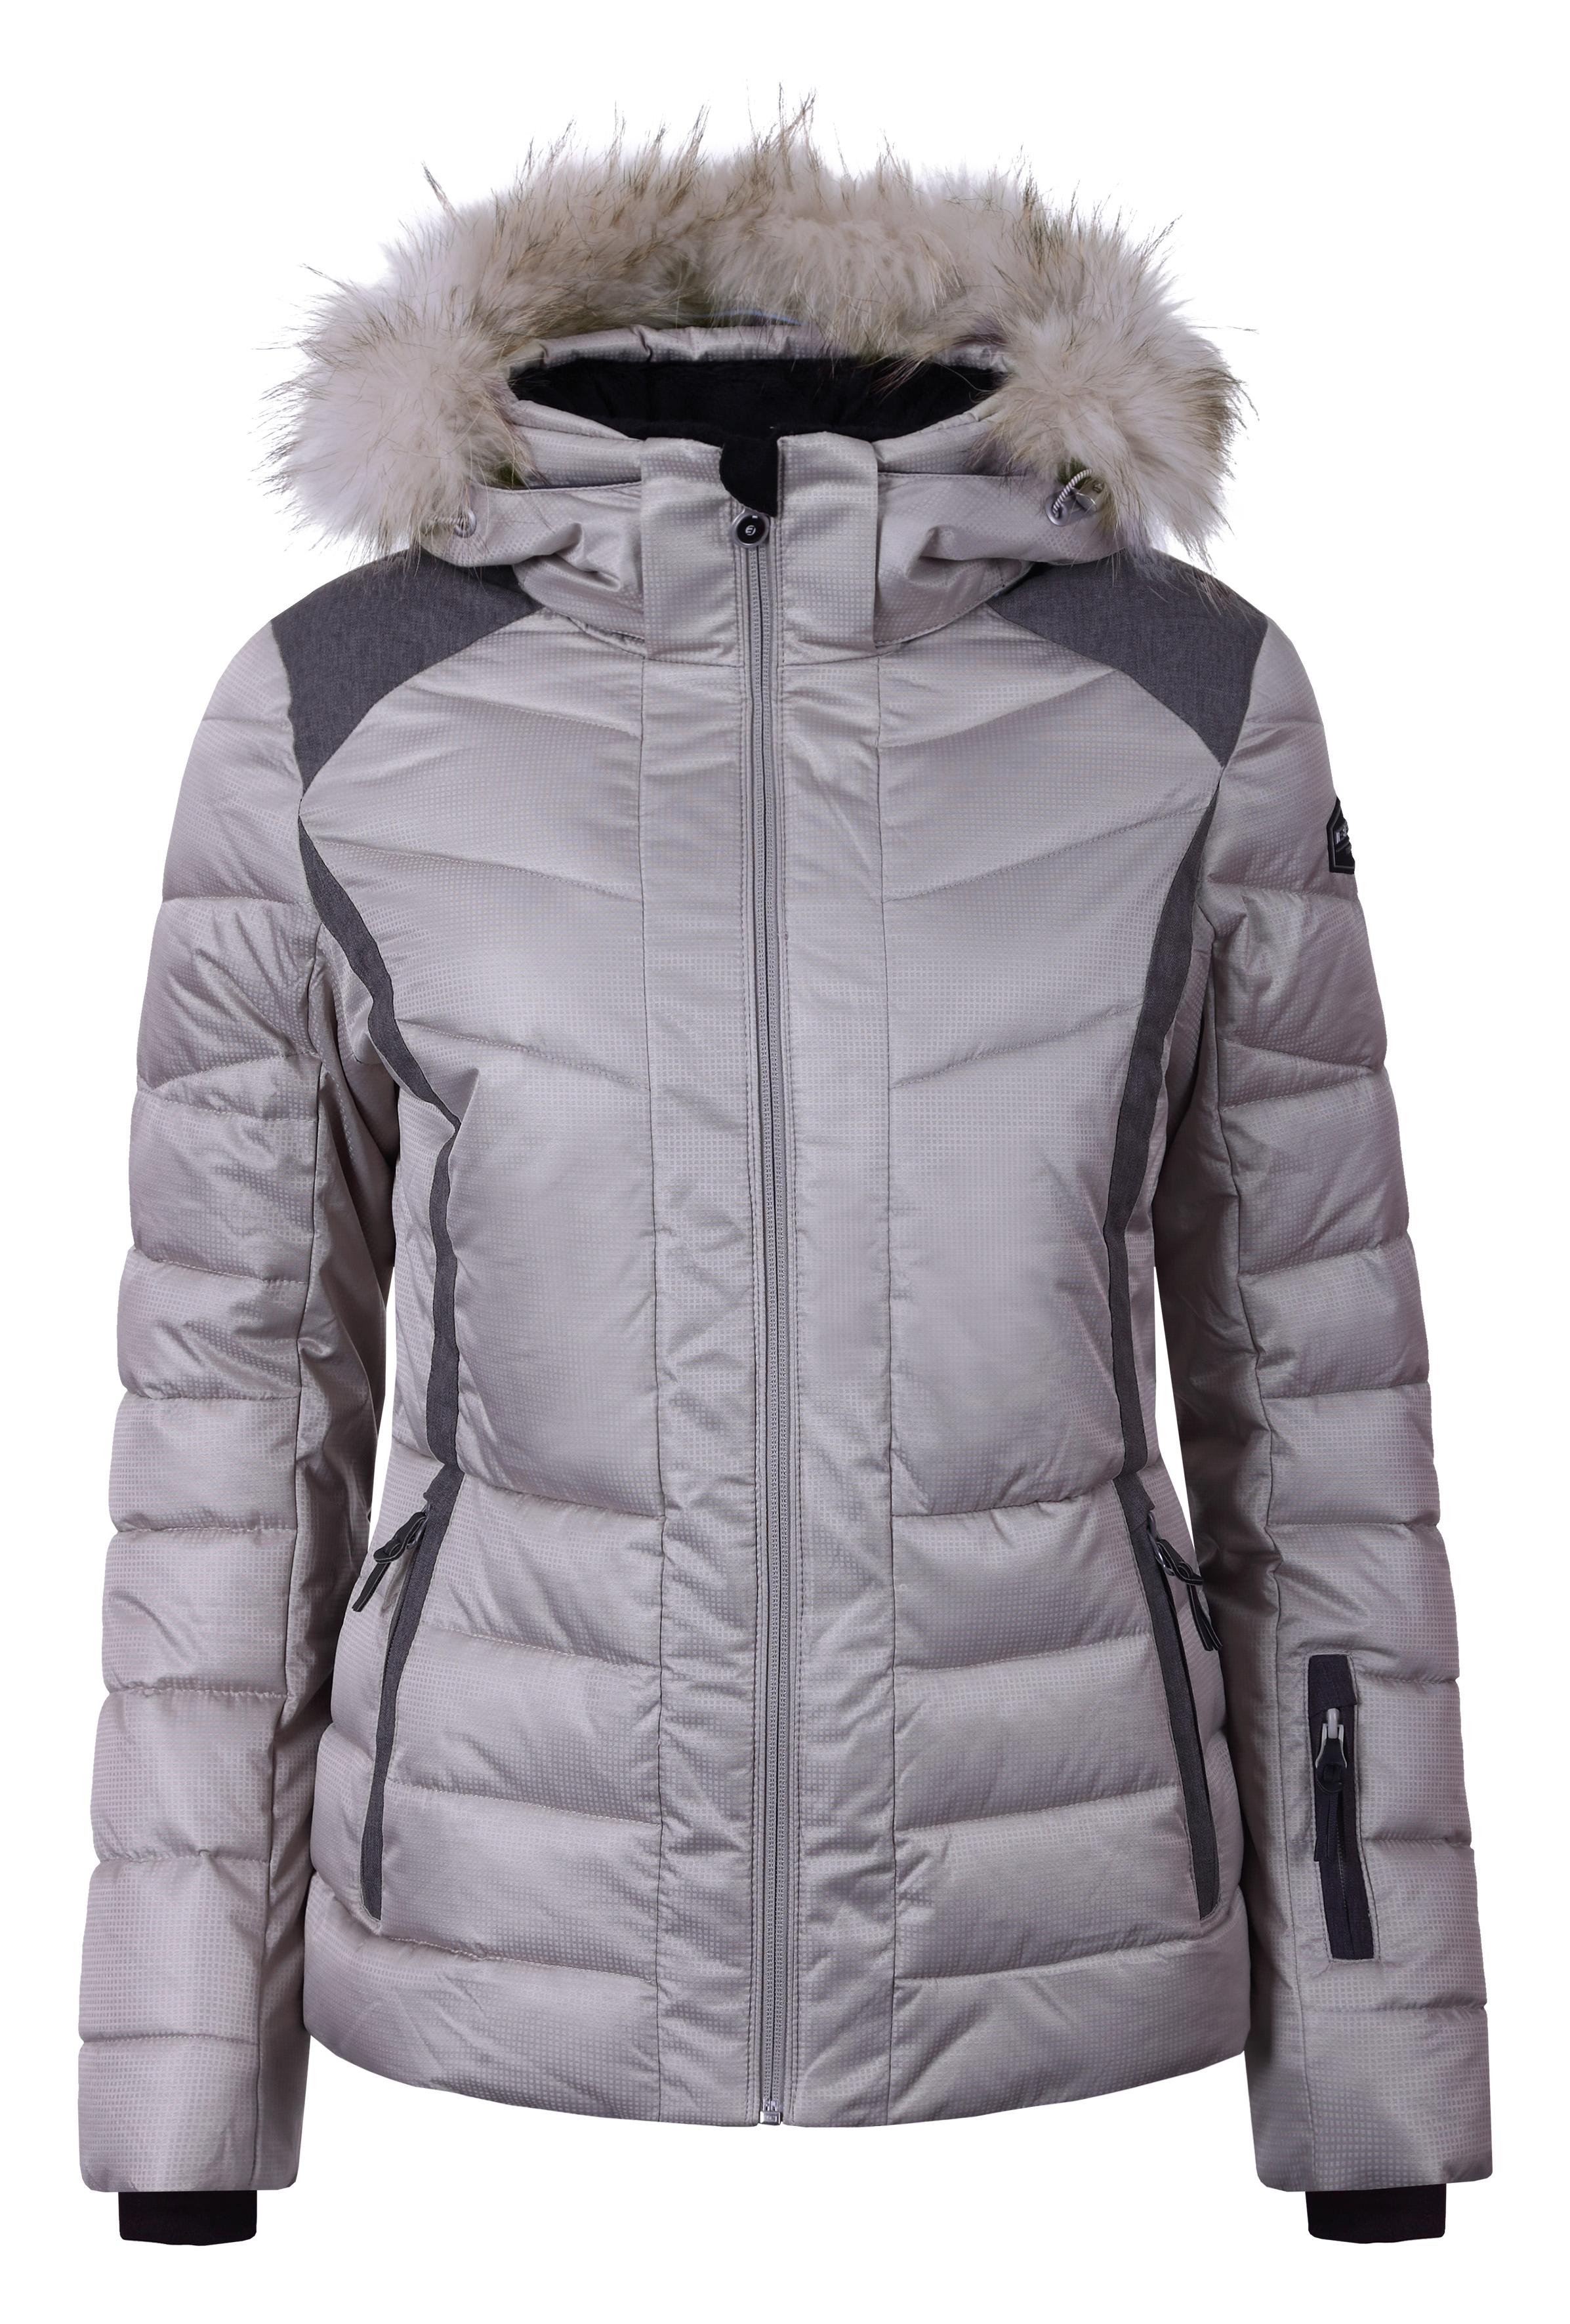 dd95c765f53 Dámská zimní bunda Icepeak Cindy IA s pravou kožešinou hnědá col. 080